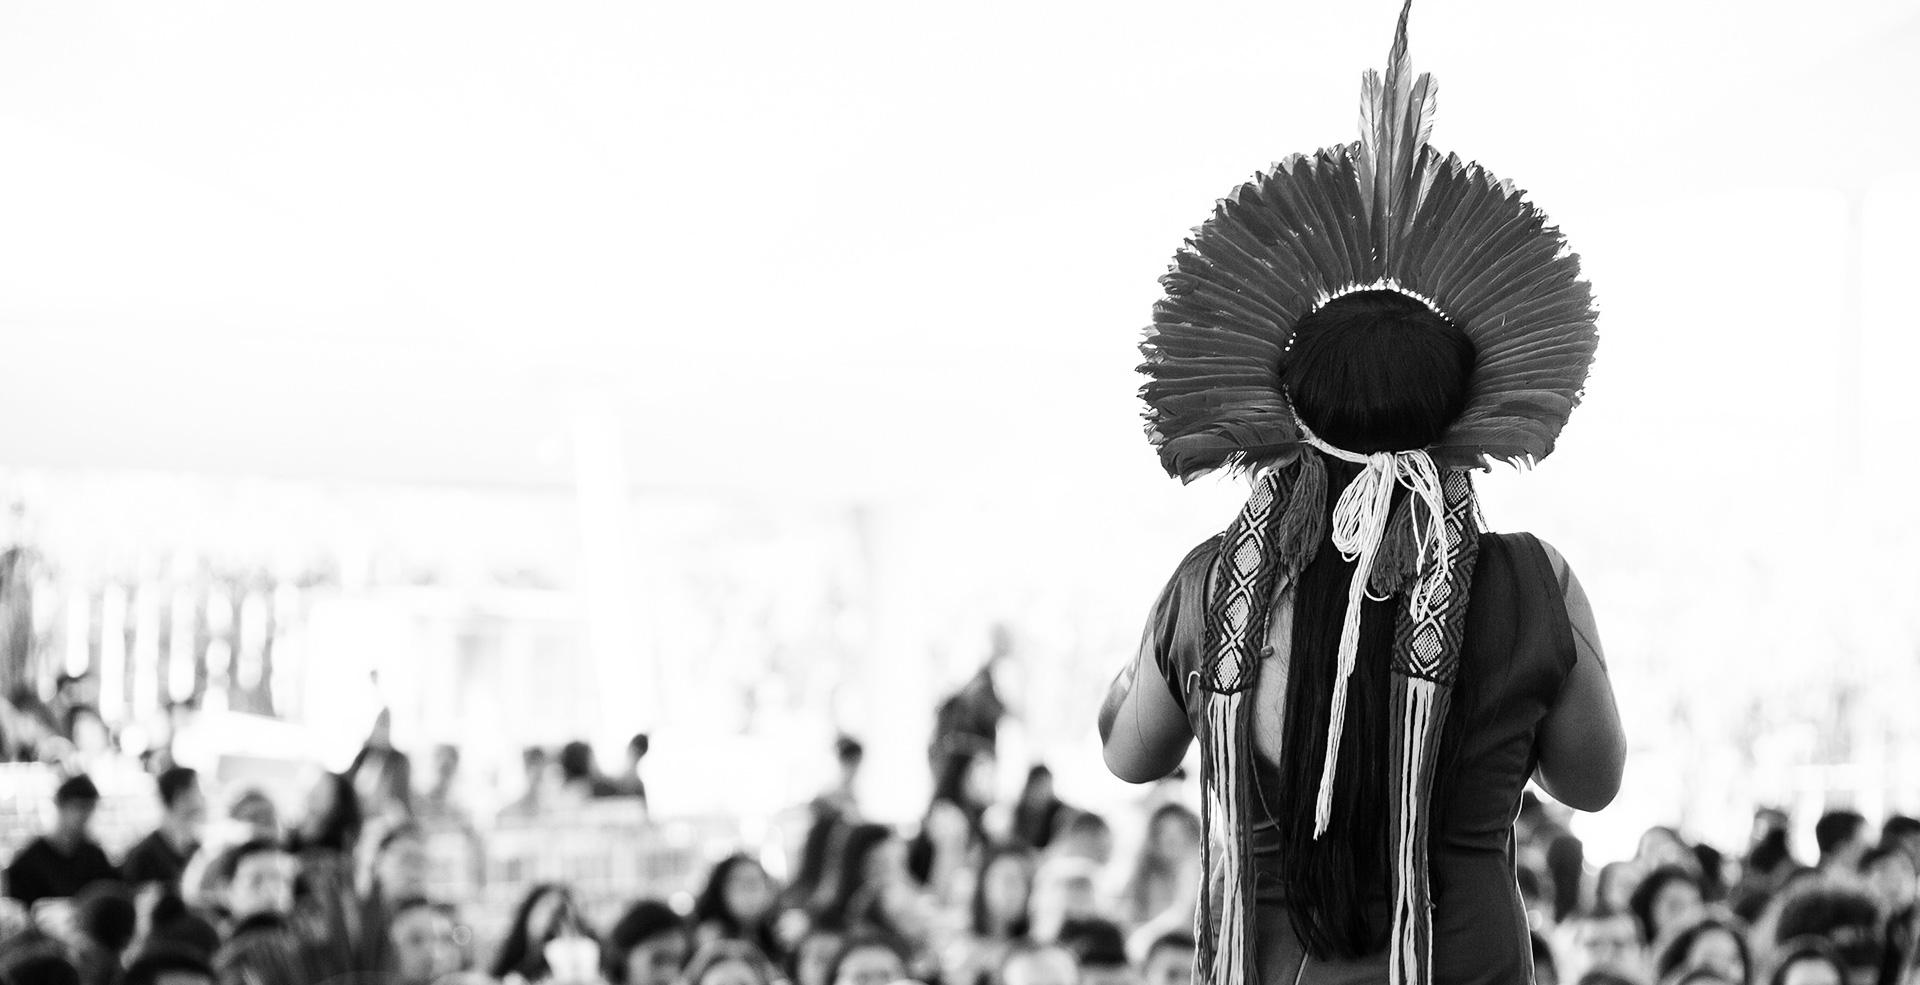 #210 | Povos indígenas: de onde viemos, para onde vamos